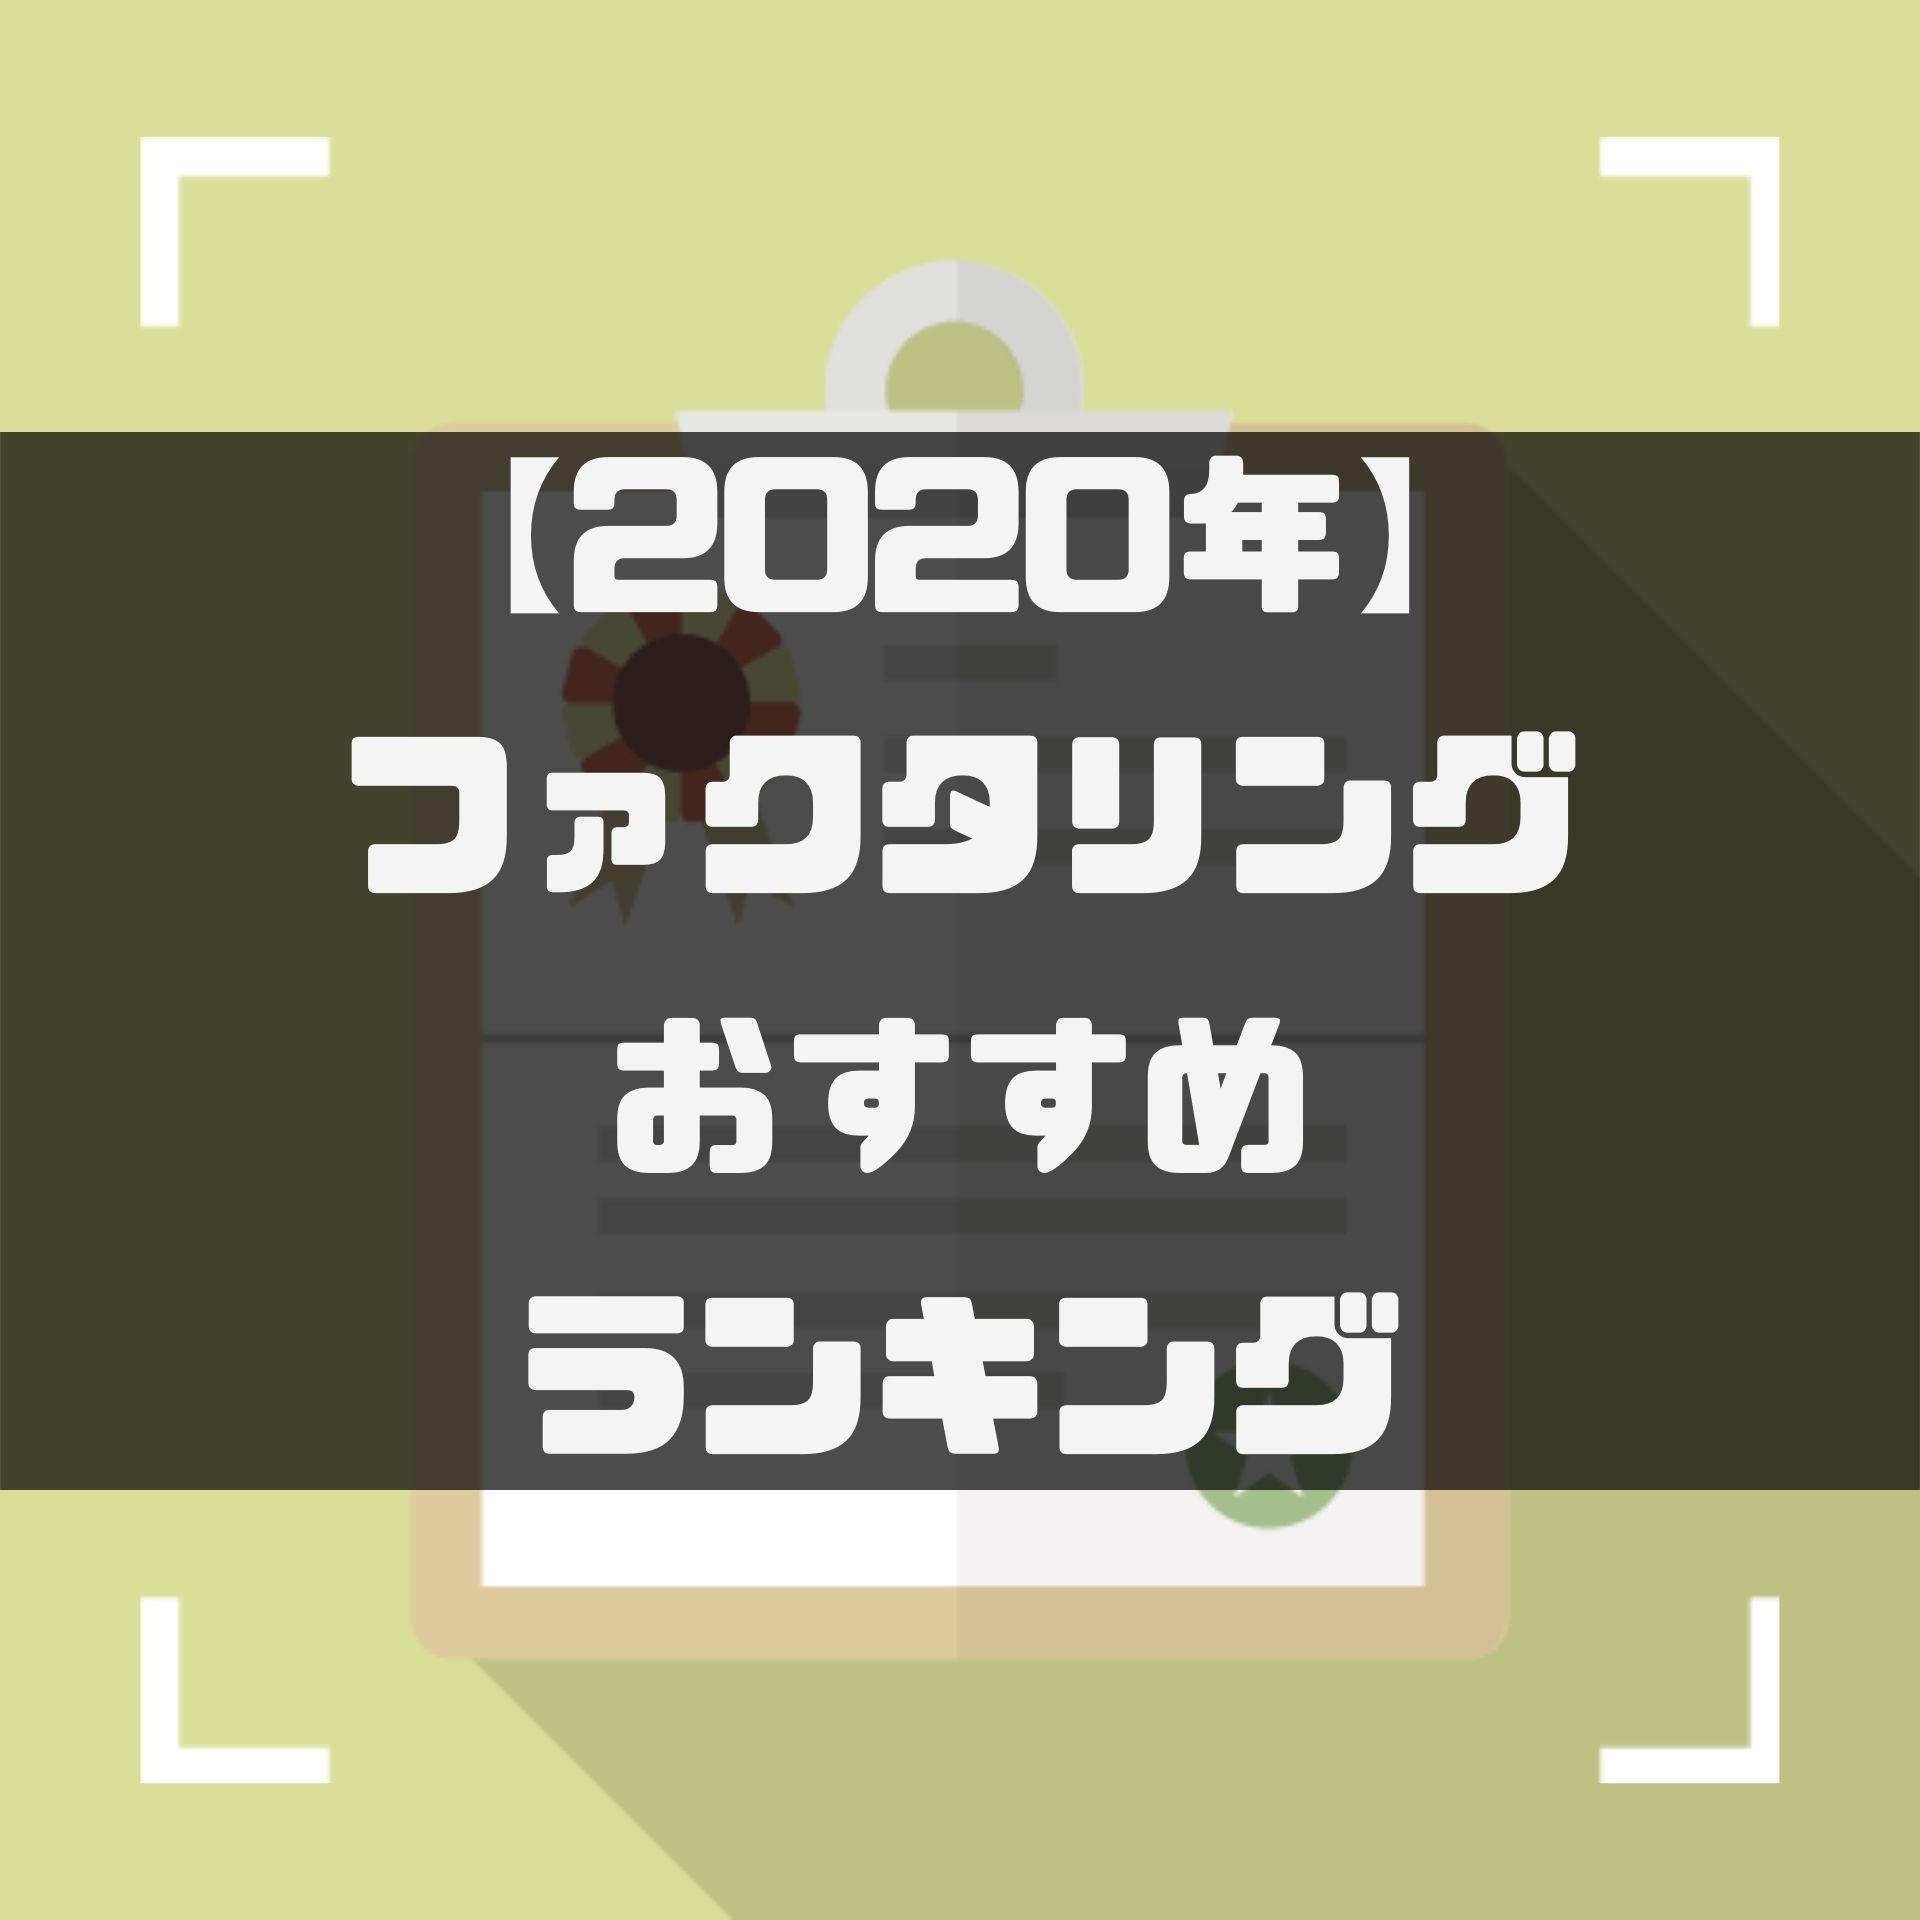 ファクタリング_おすすめ_ランキング